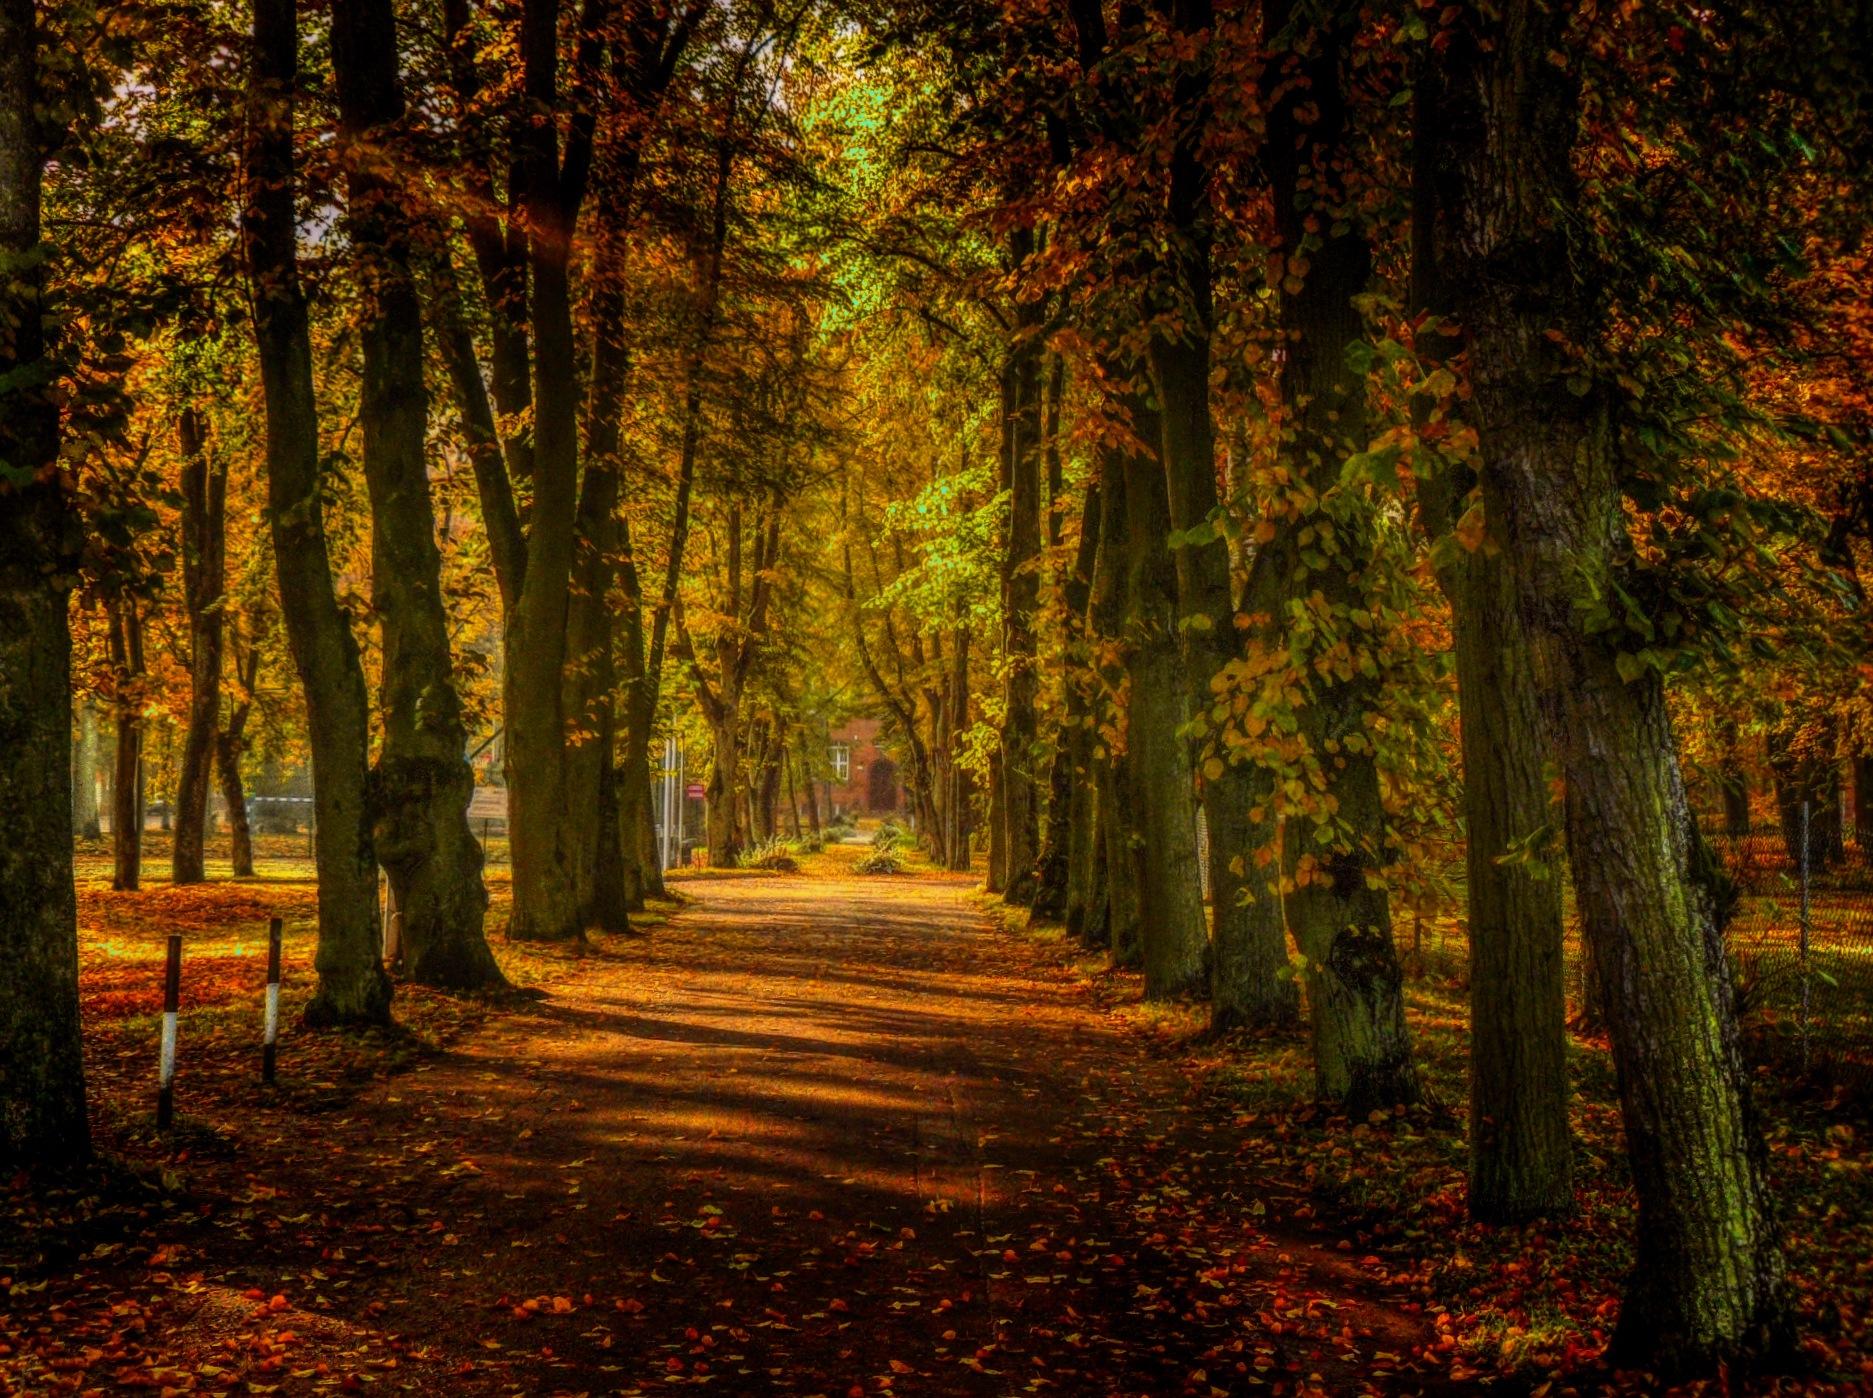 Park by Grzegorz Skwarliński